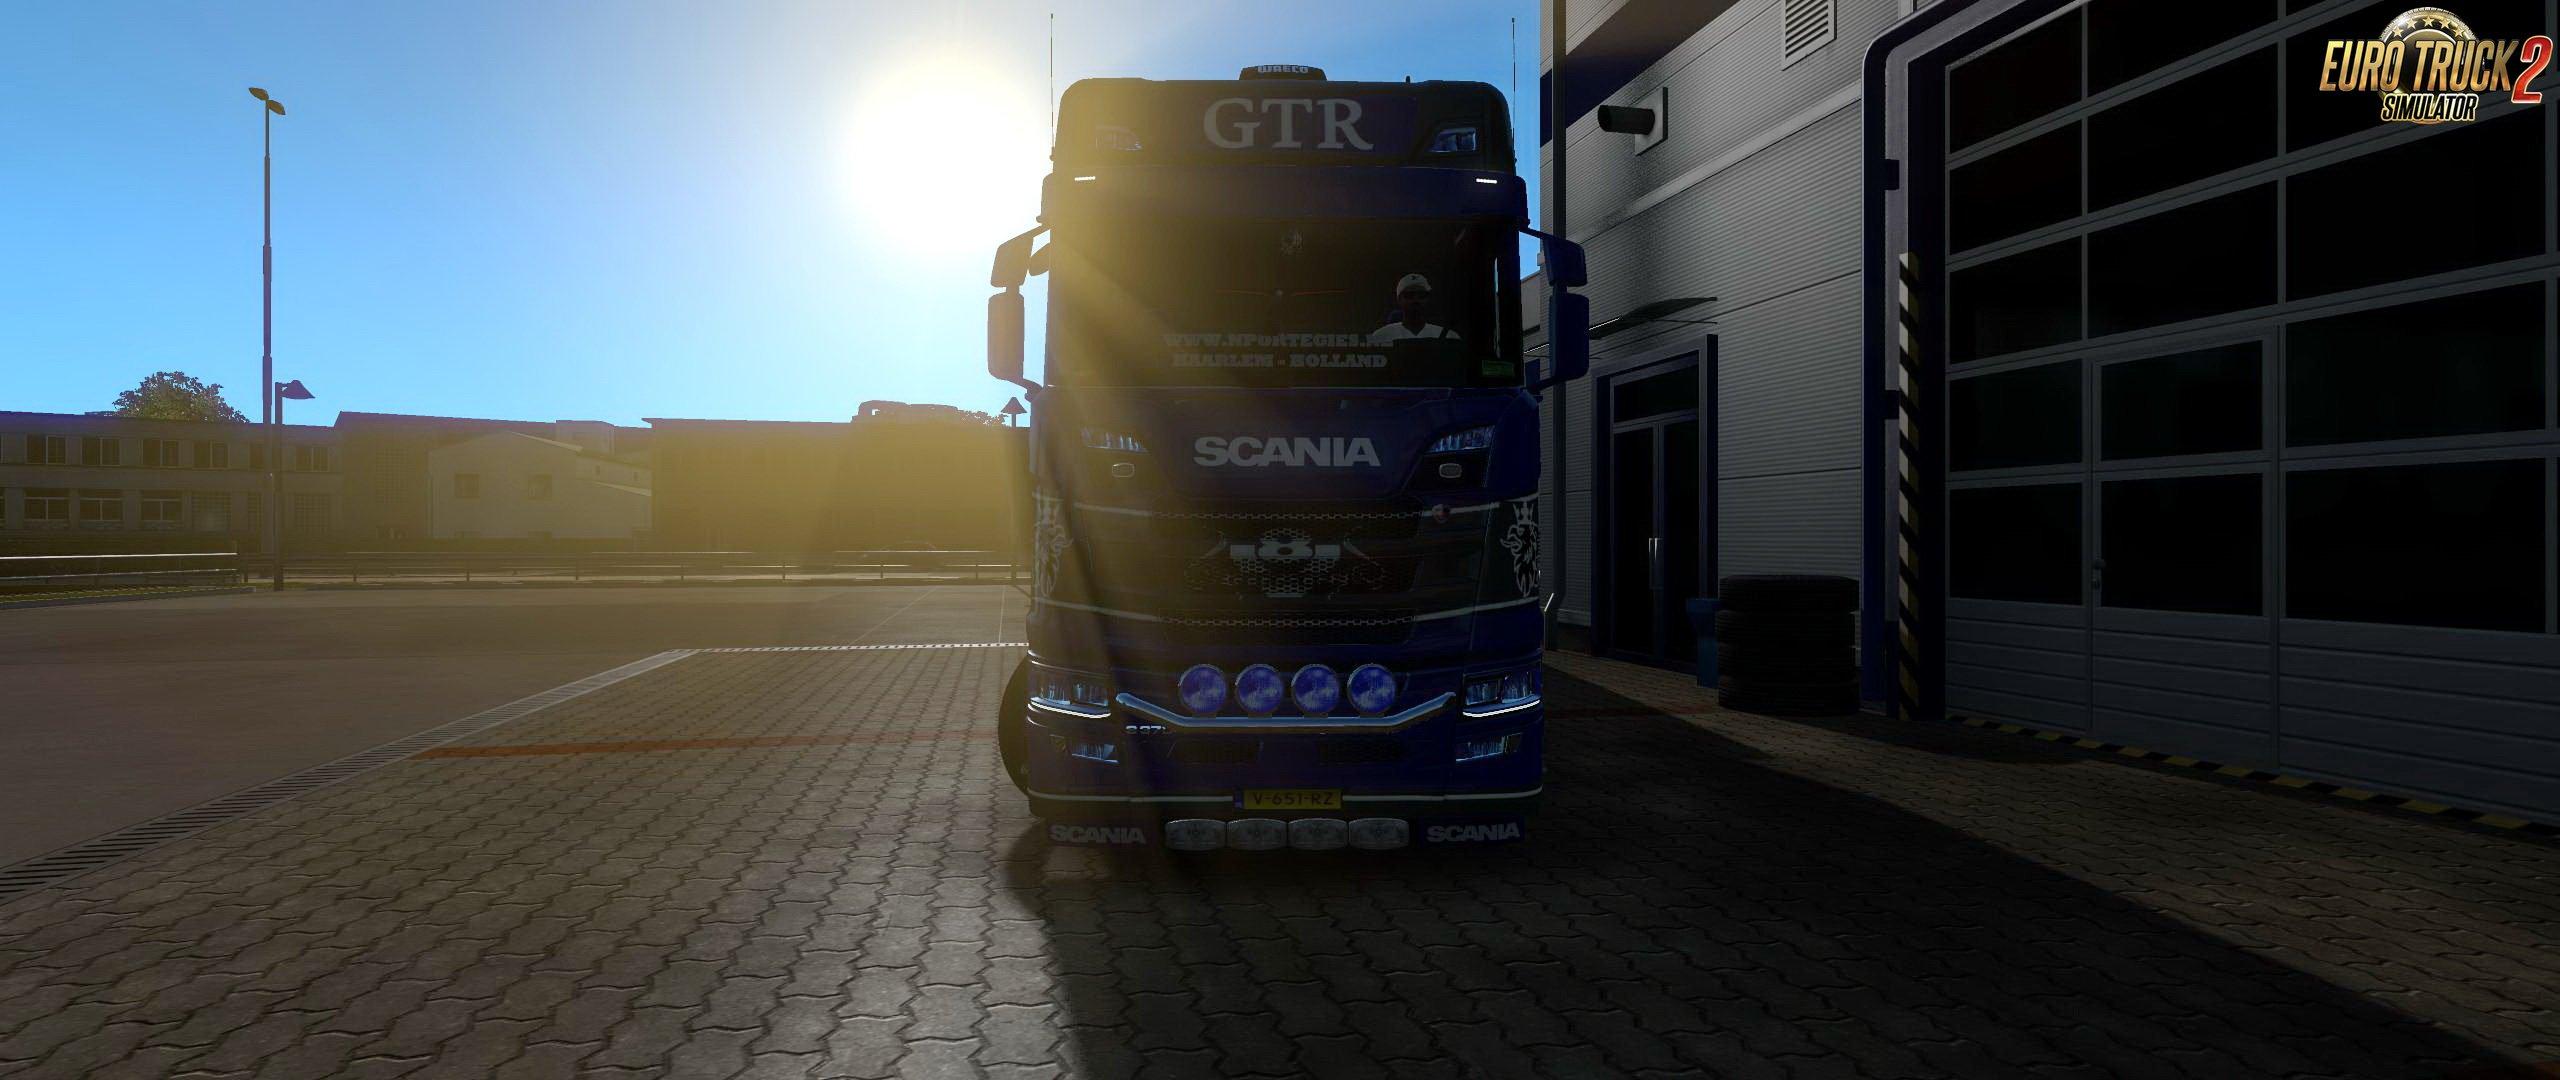 Scania S Tandem v1.1 by GTR (1.33.x)